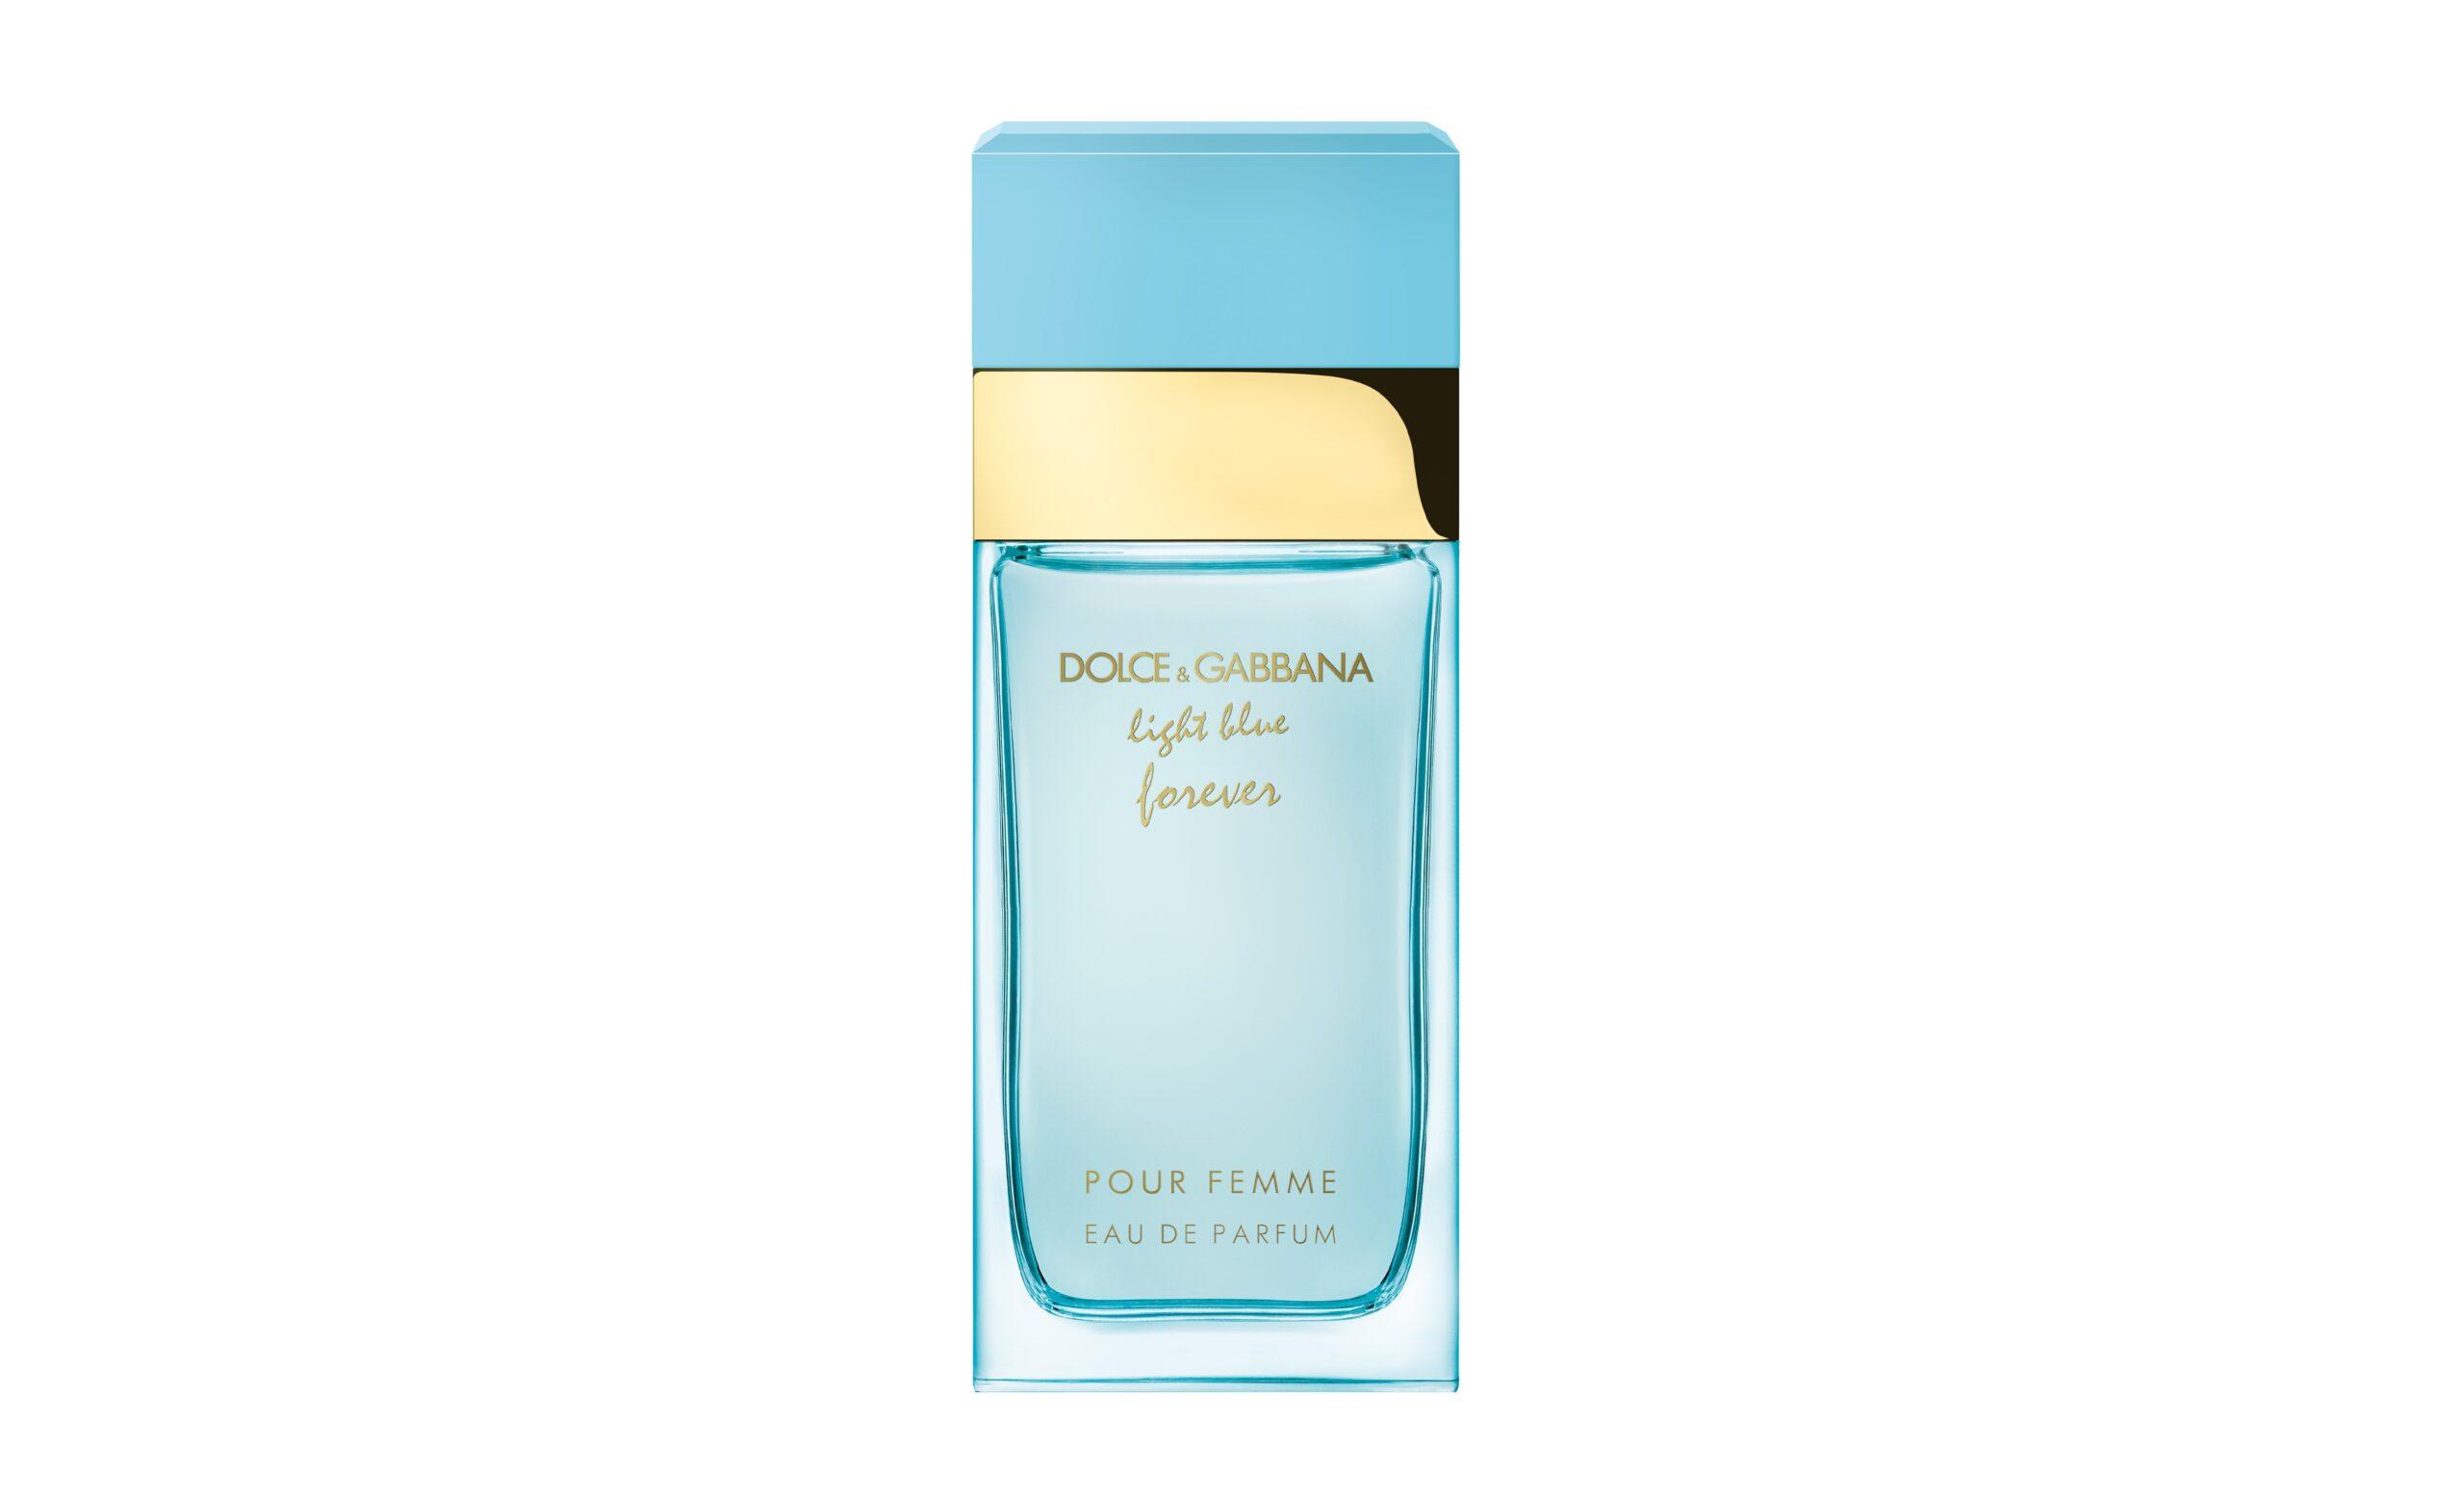 Dolce&Gabbana Light Blue Forever